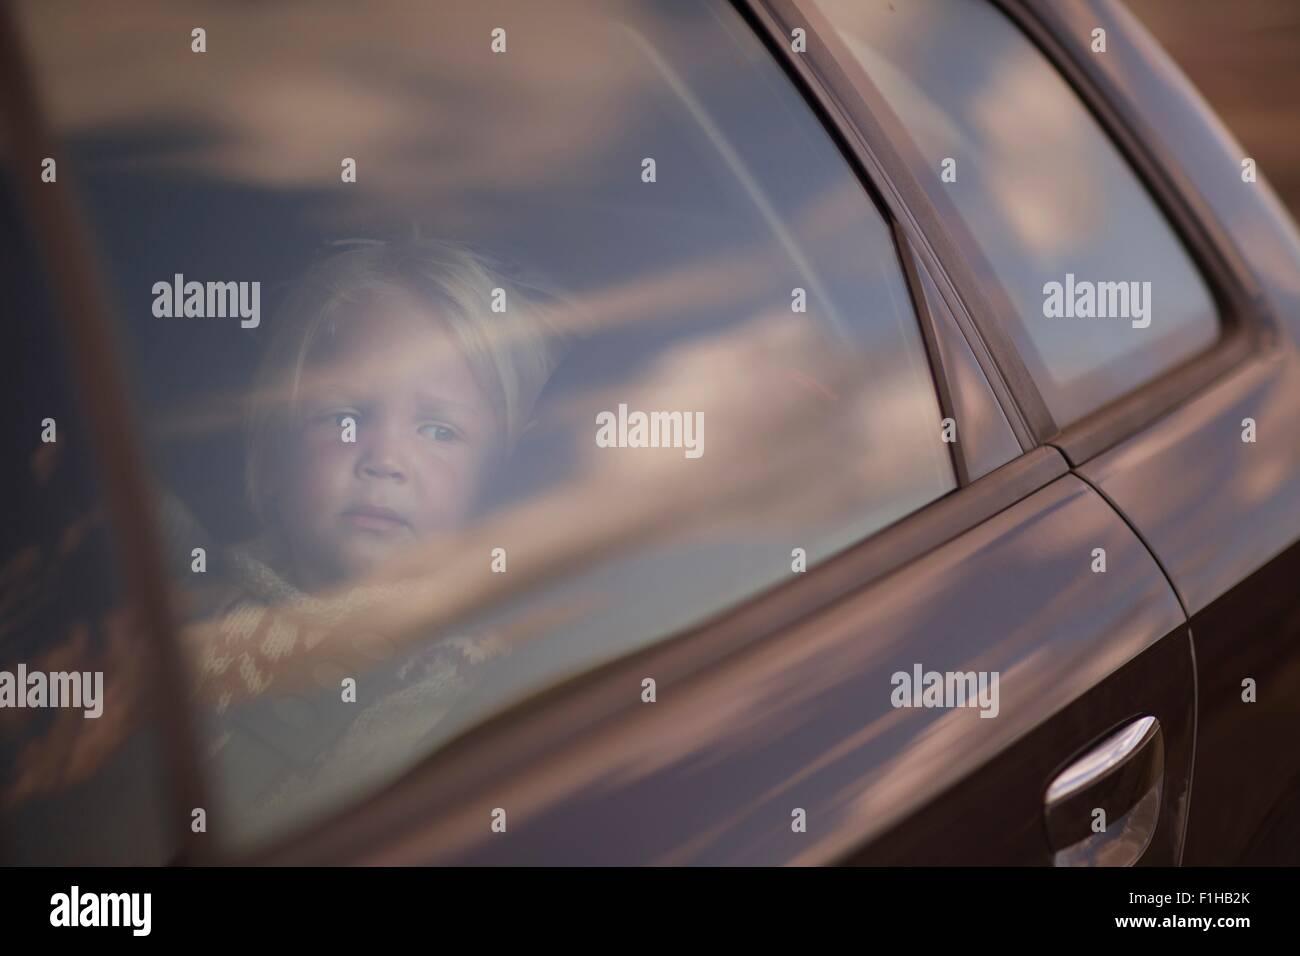 Junge auf der Suche durch Autofenster Stockbild